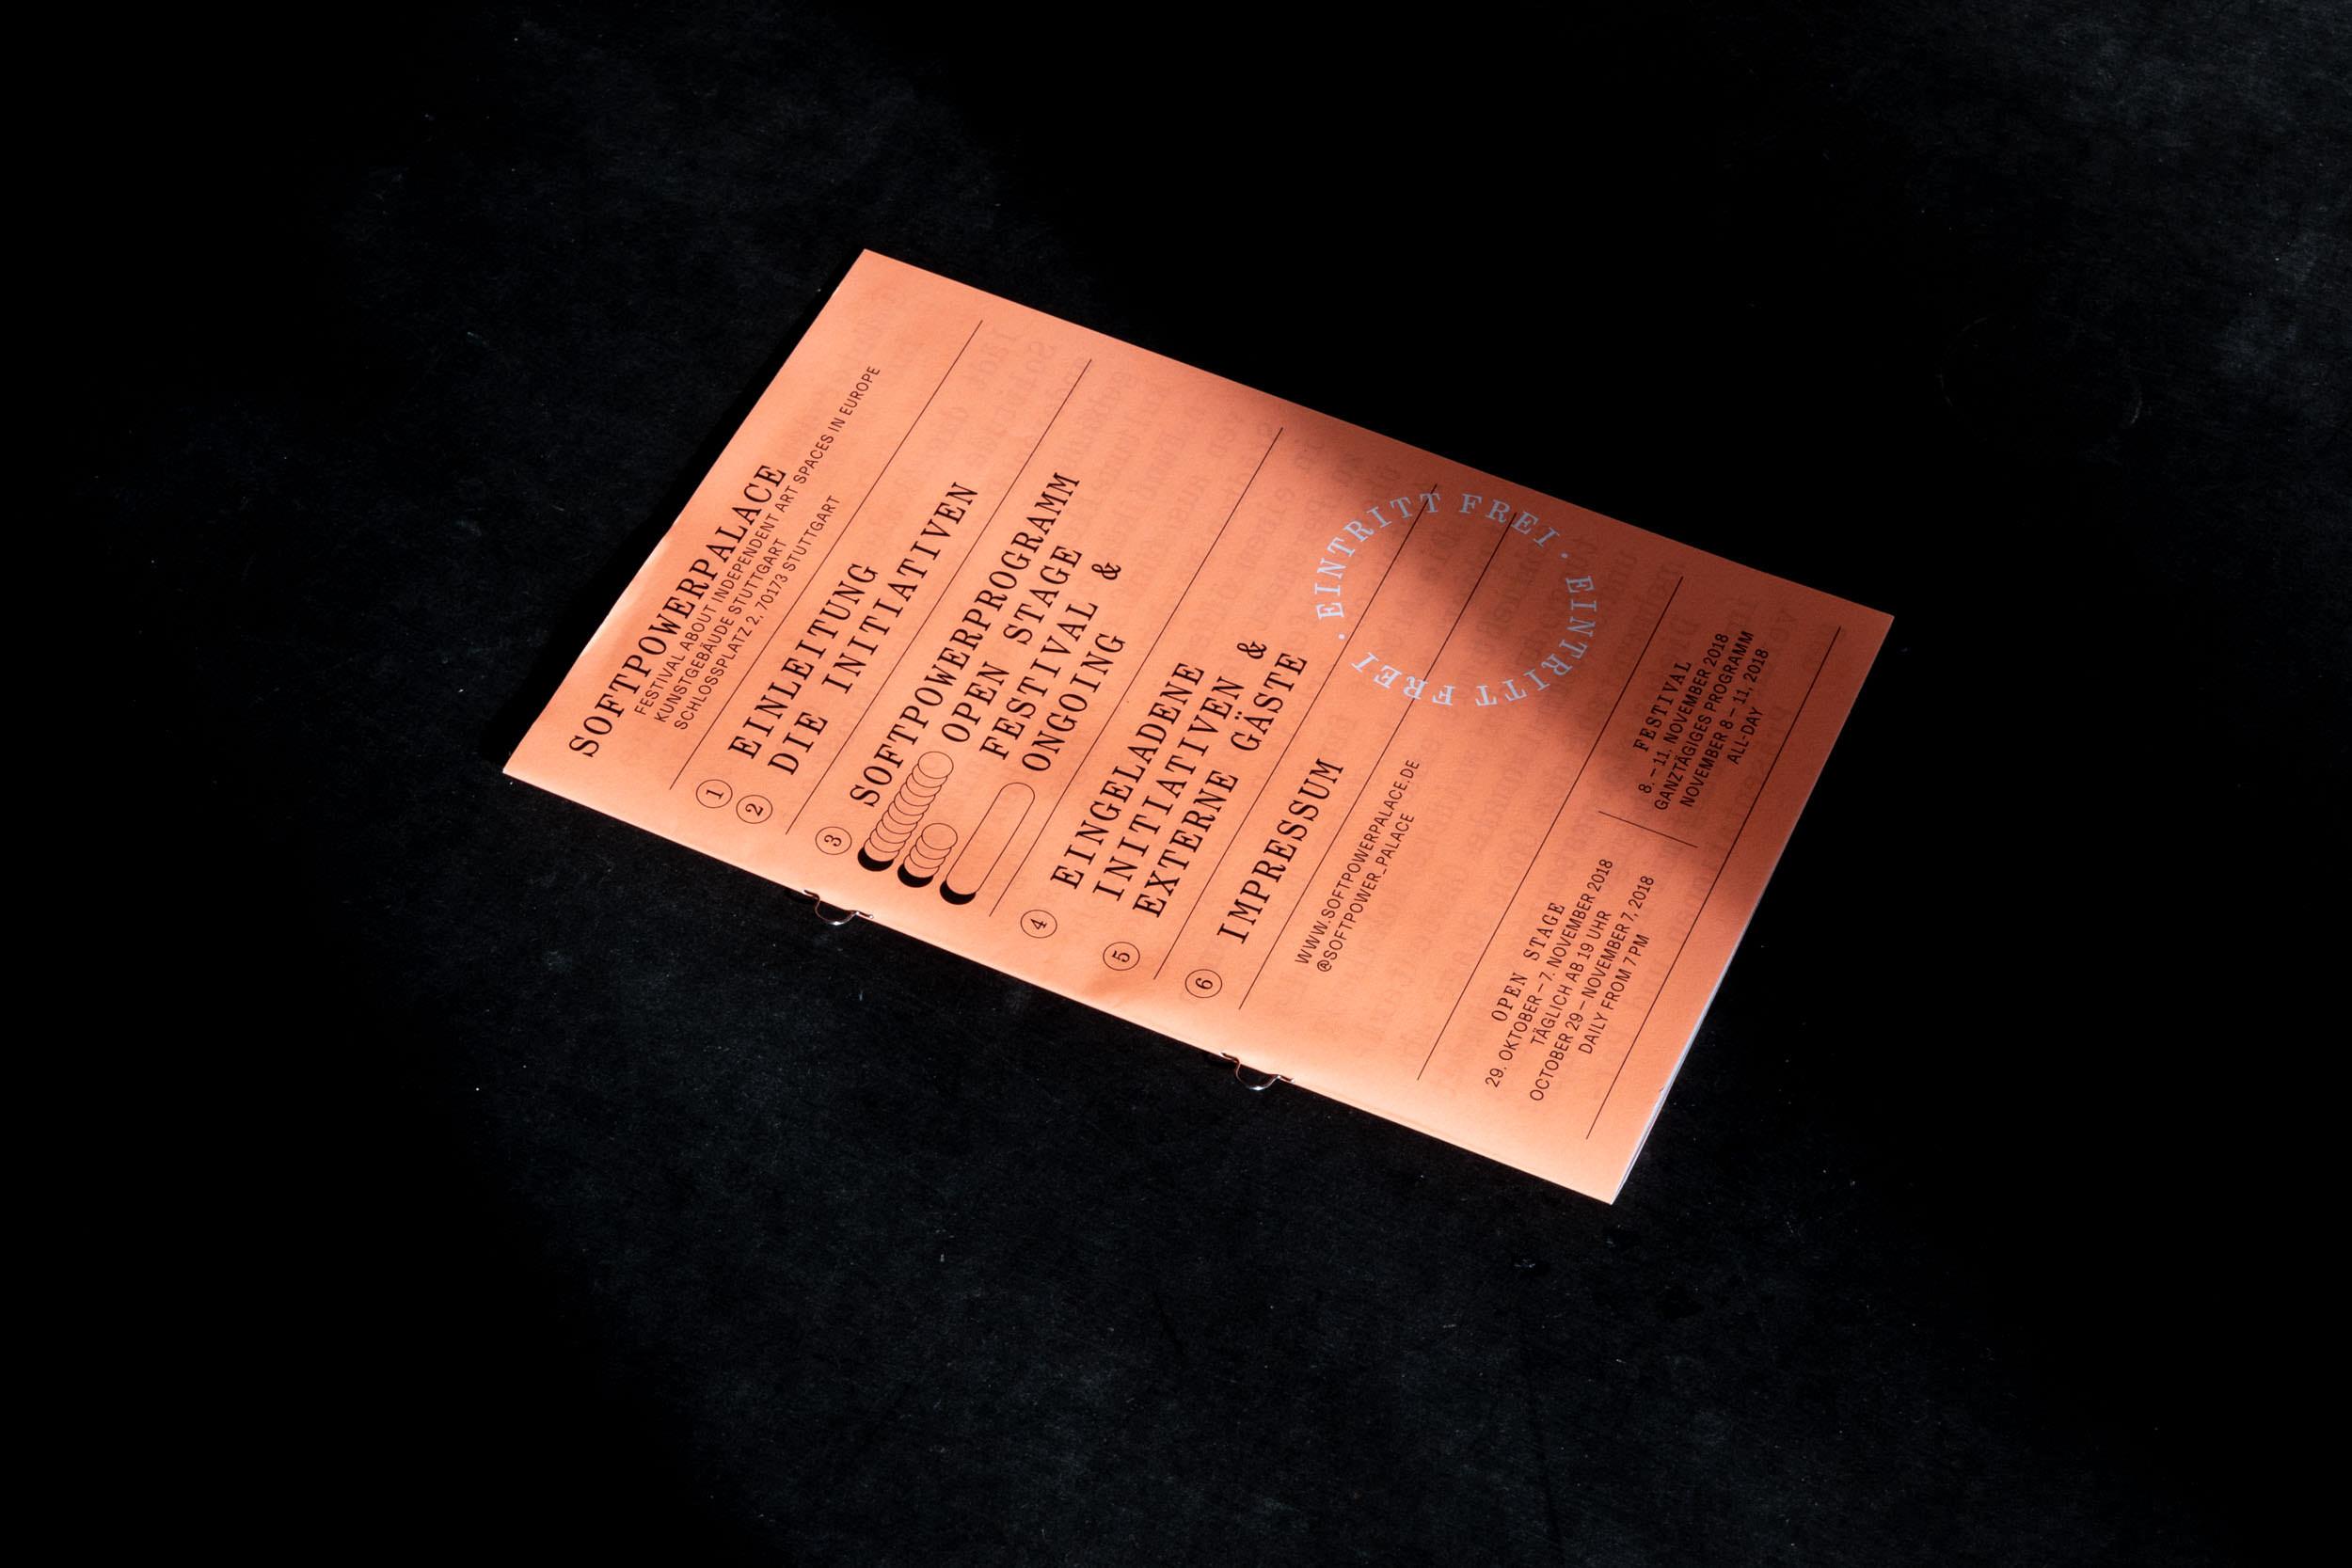 Titelseite der Programmbroschüre